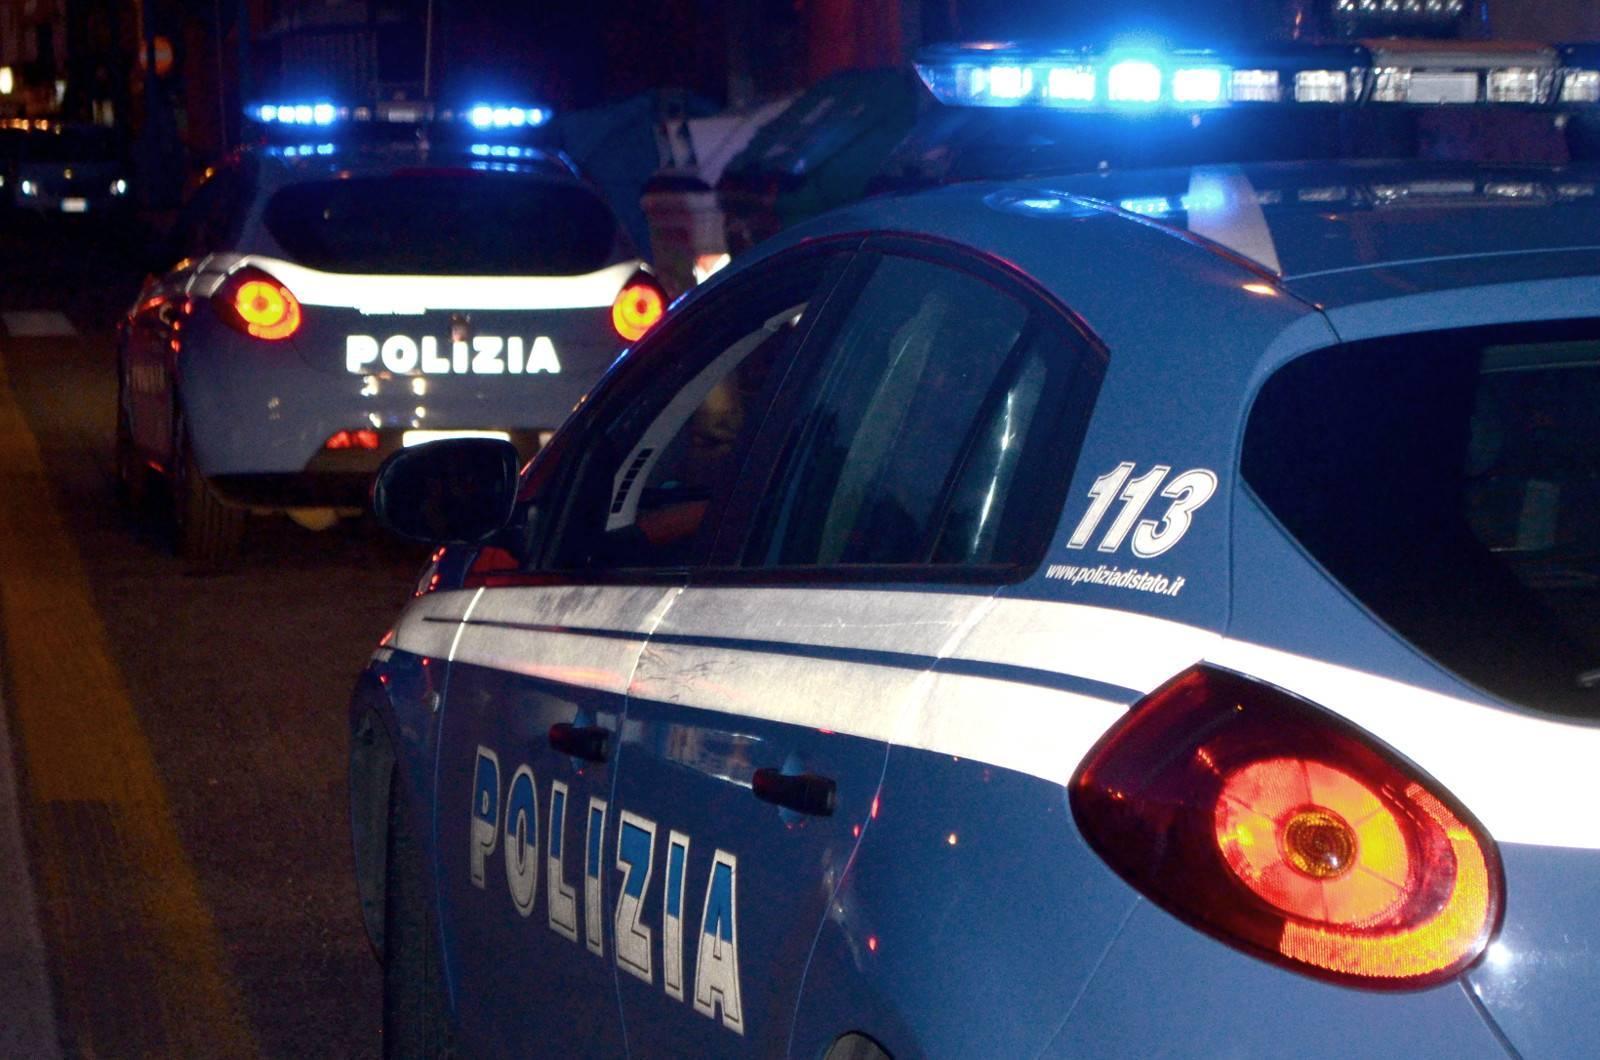 Puglia, assalto armato all'Eurospin, terrore tra i clienti, bandito fugge con il bottino